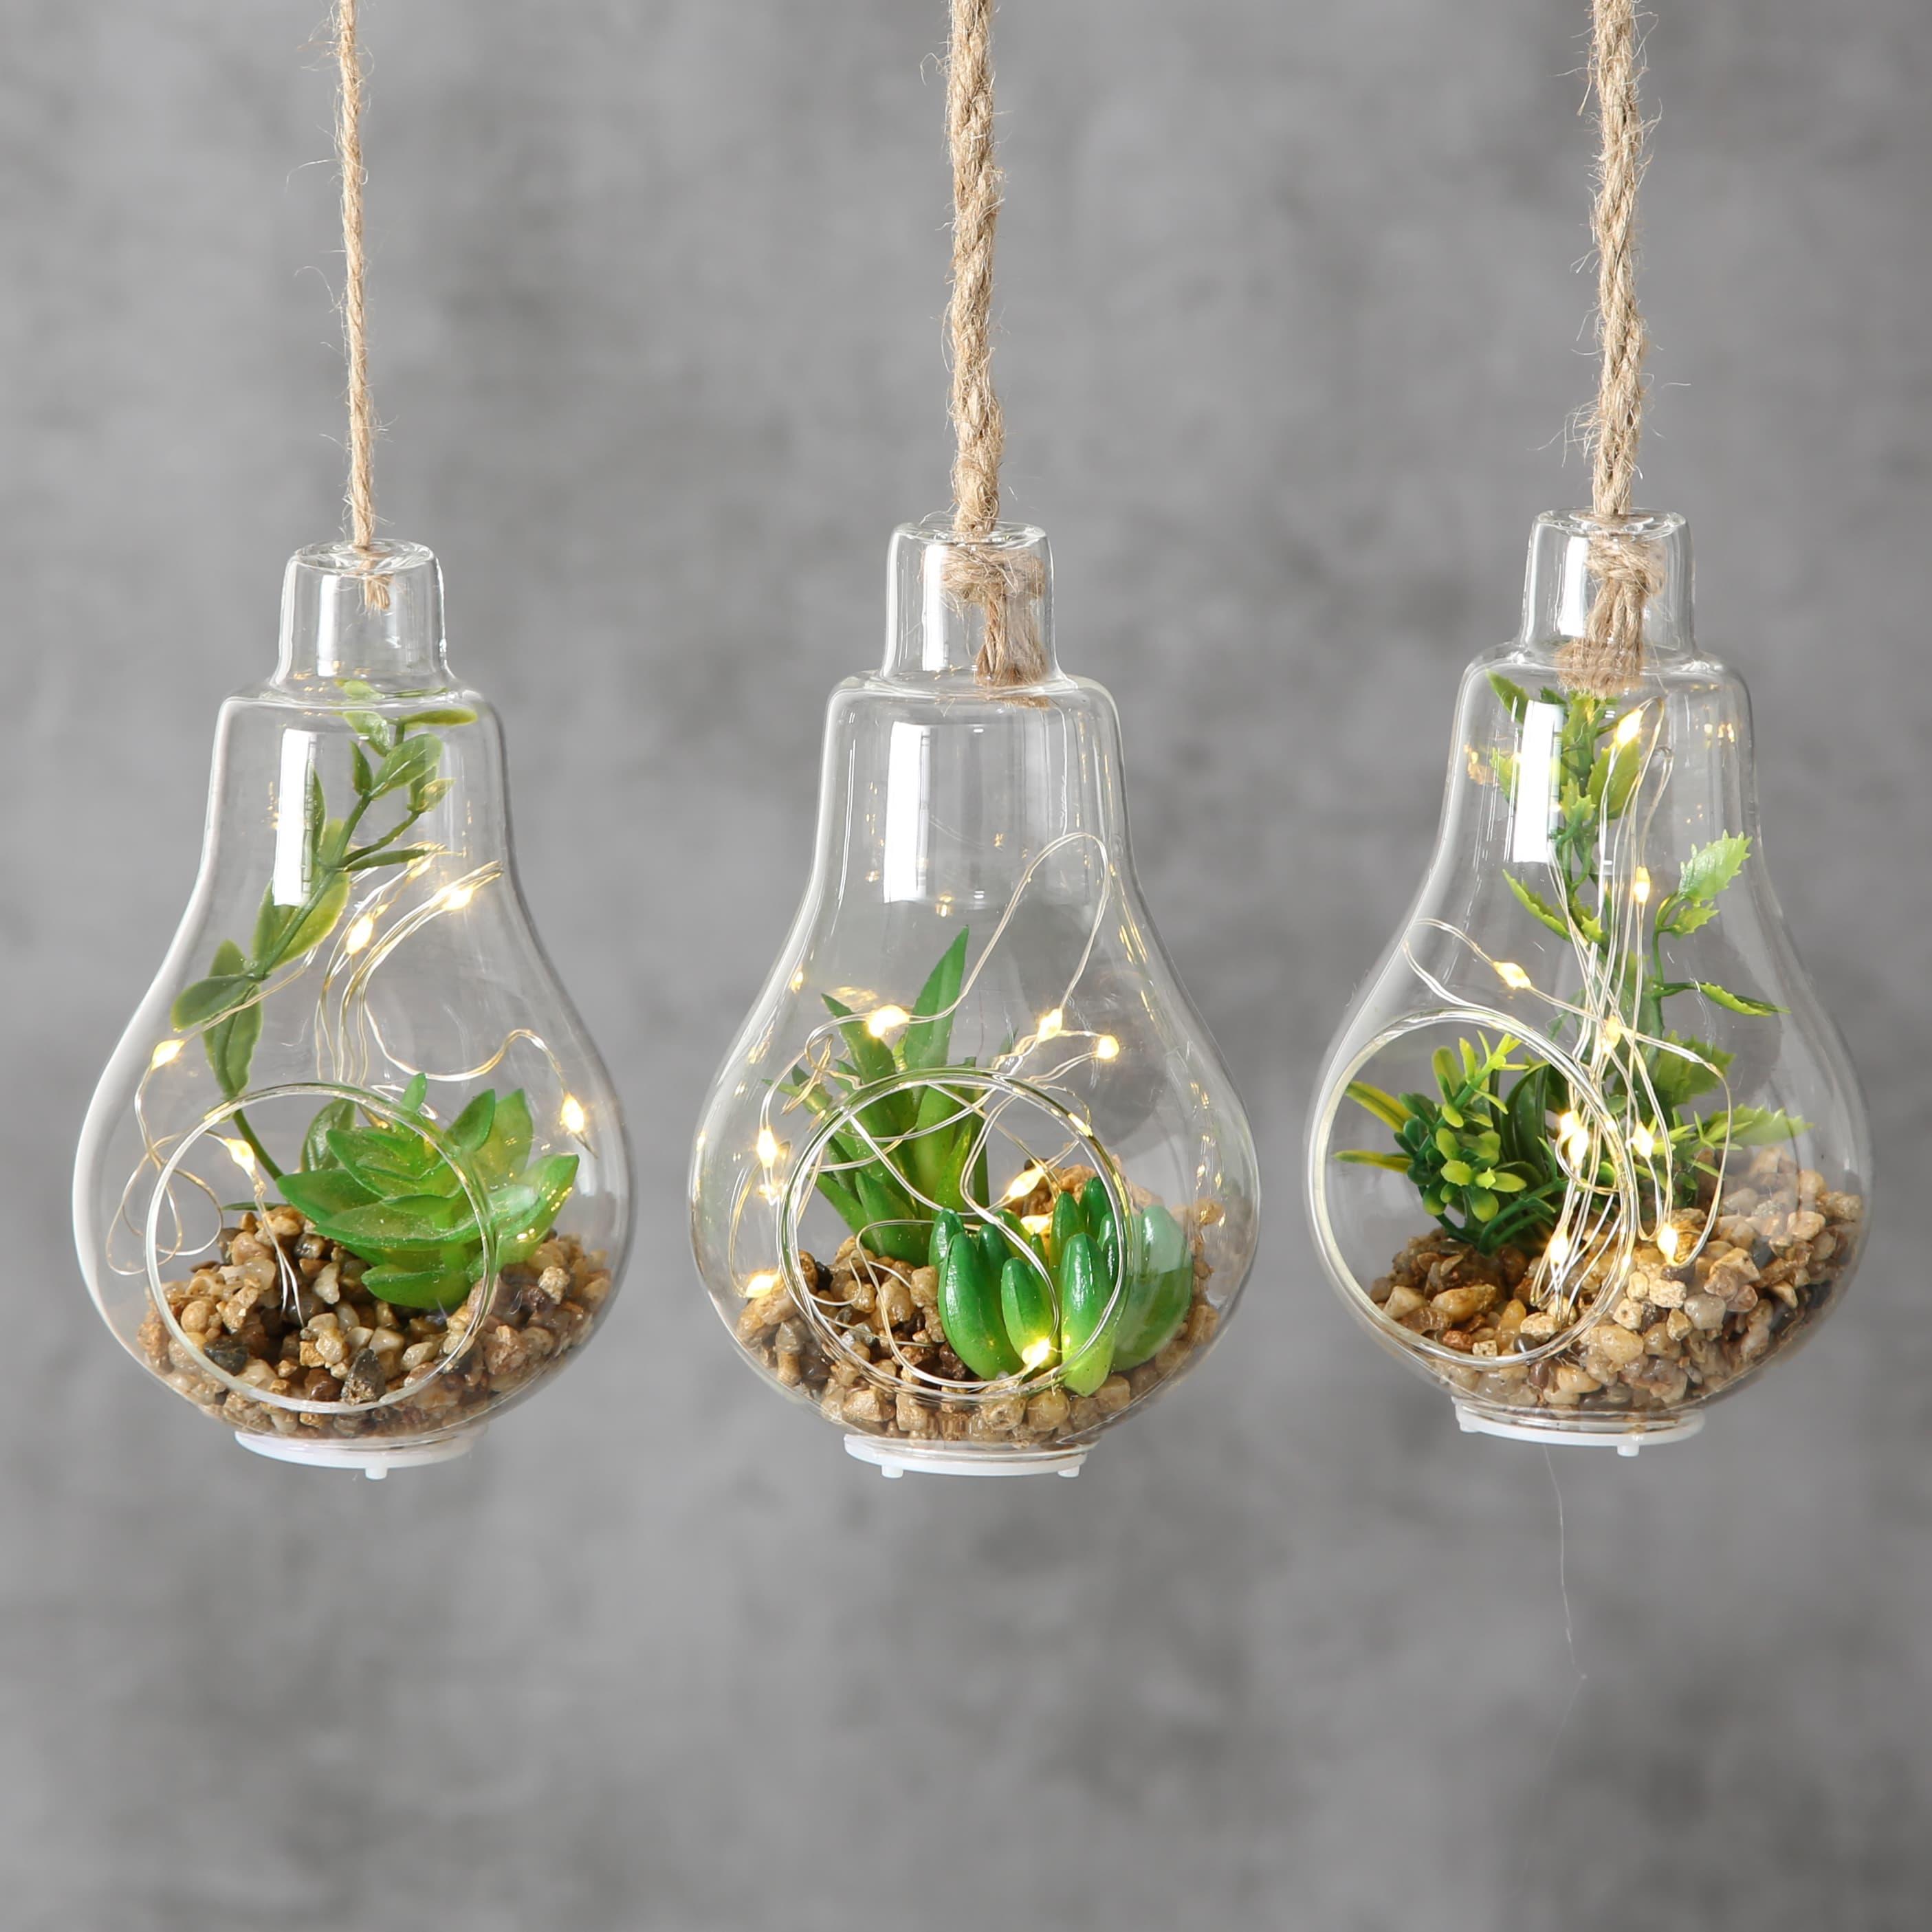 Decoratiune suspendabila din sticla, cu plante si LED Earth Verde, Modele Asortate, H12 cm imagine